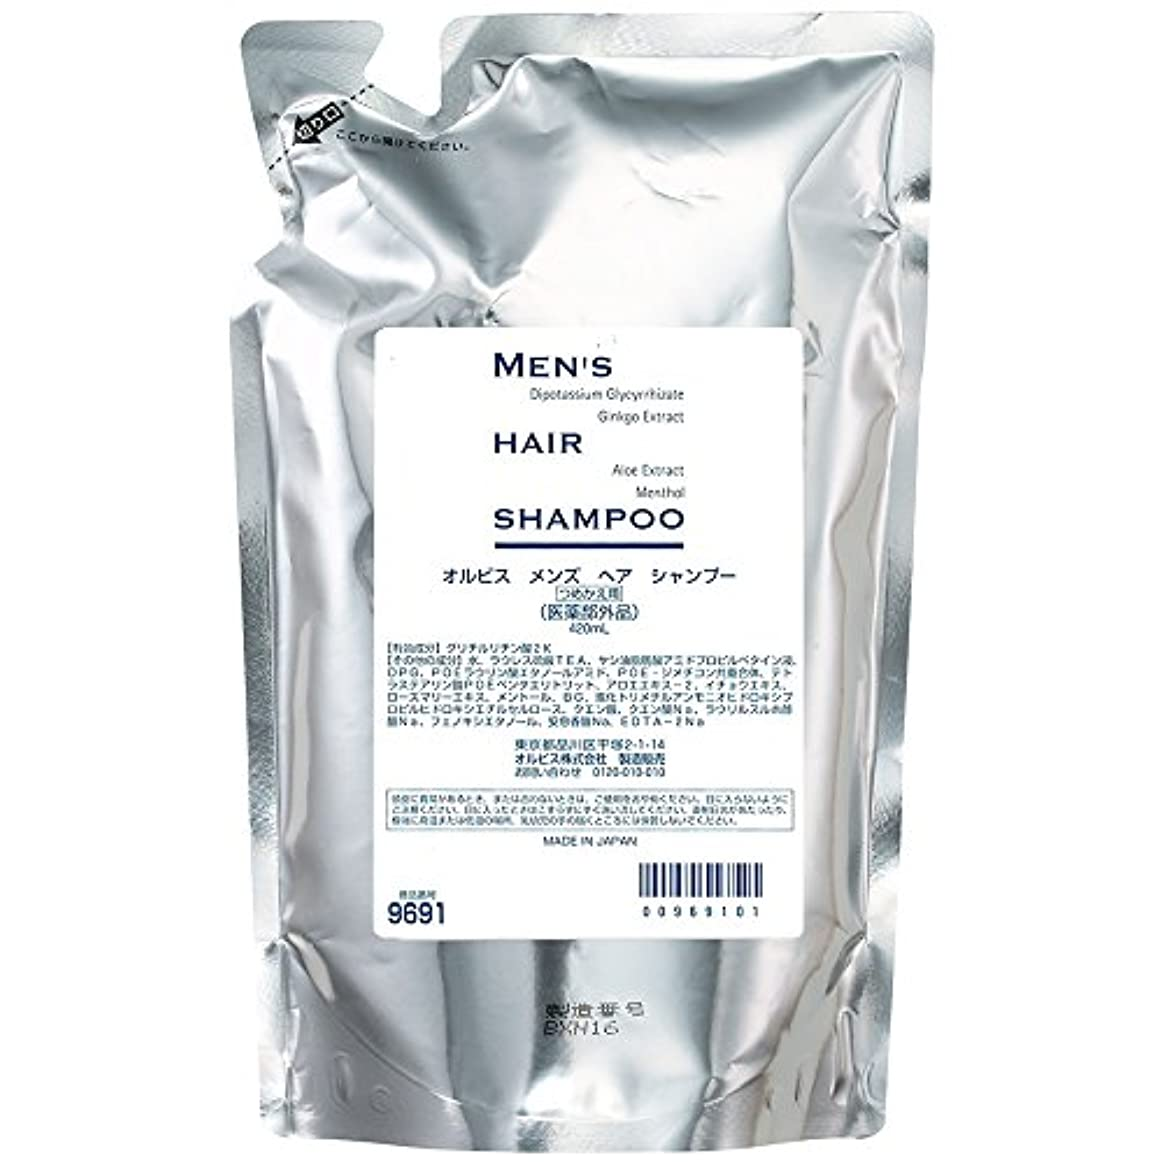 省略アライアンス照らすオルビス(ORBIS) メンズヘアシャンプー 詰替 420mL ◎男性用薬用シャンプー◎ [医薬部外品]